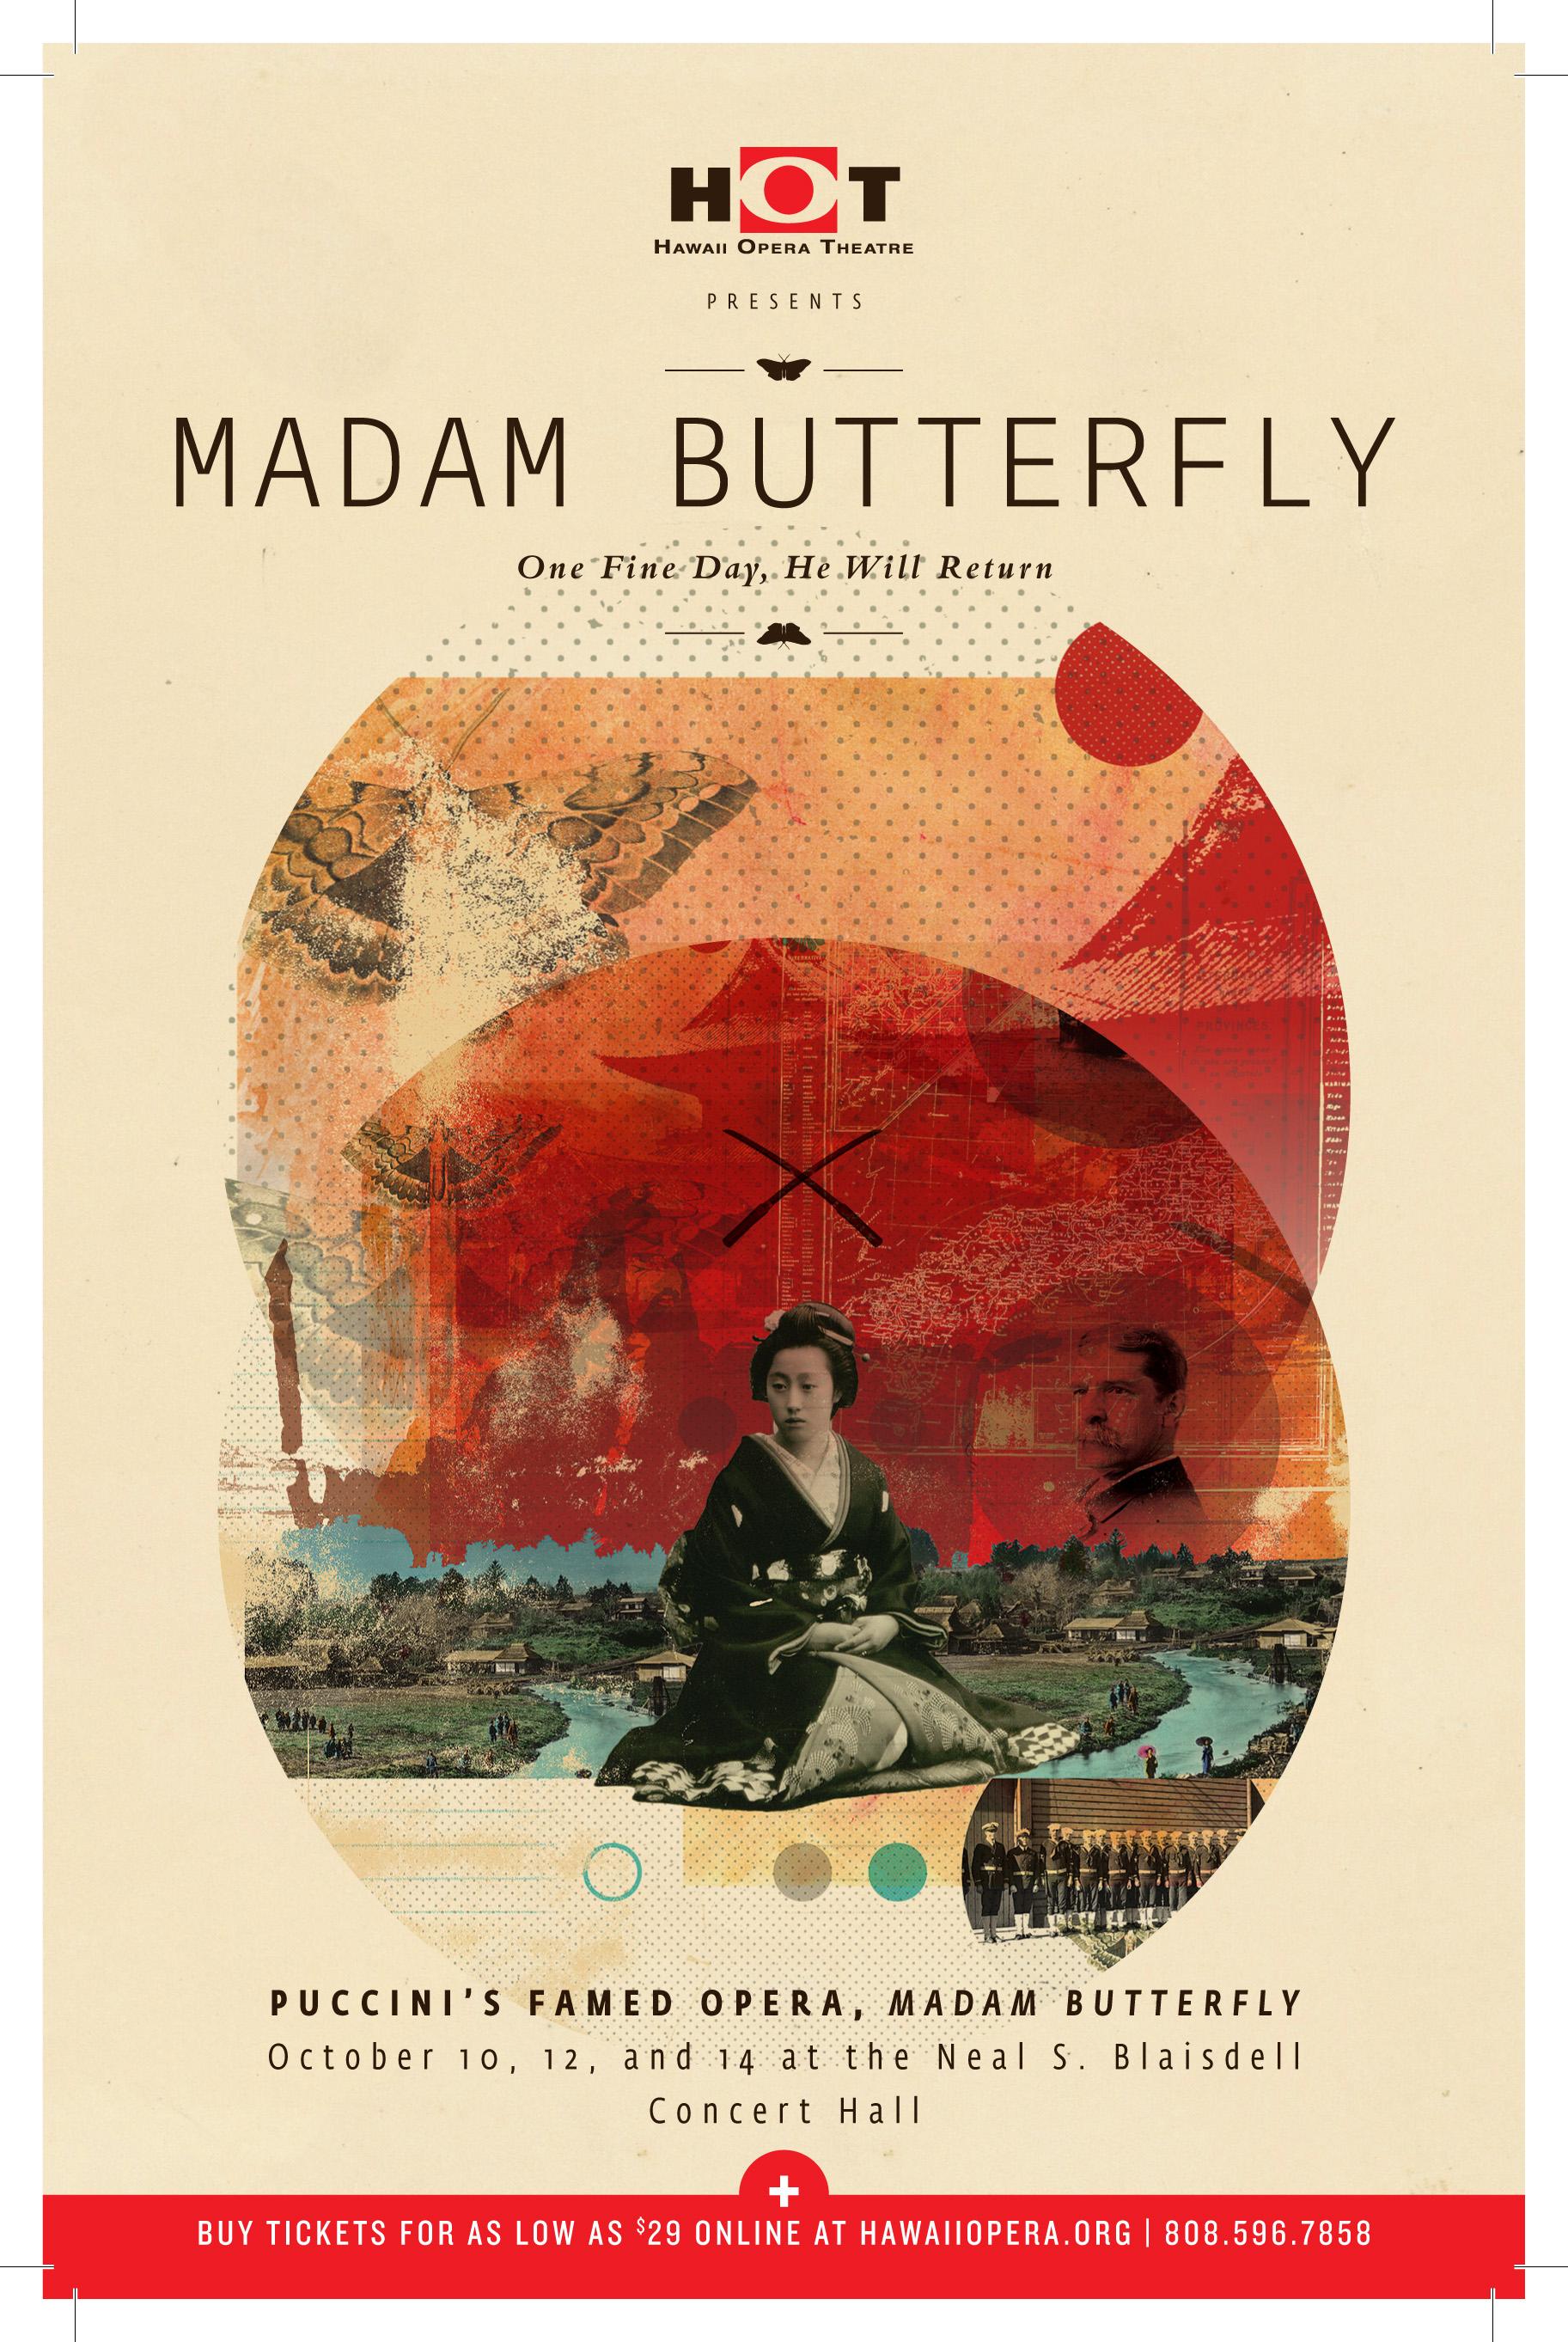 HOT Madam Butterfly Artwork